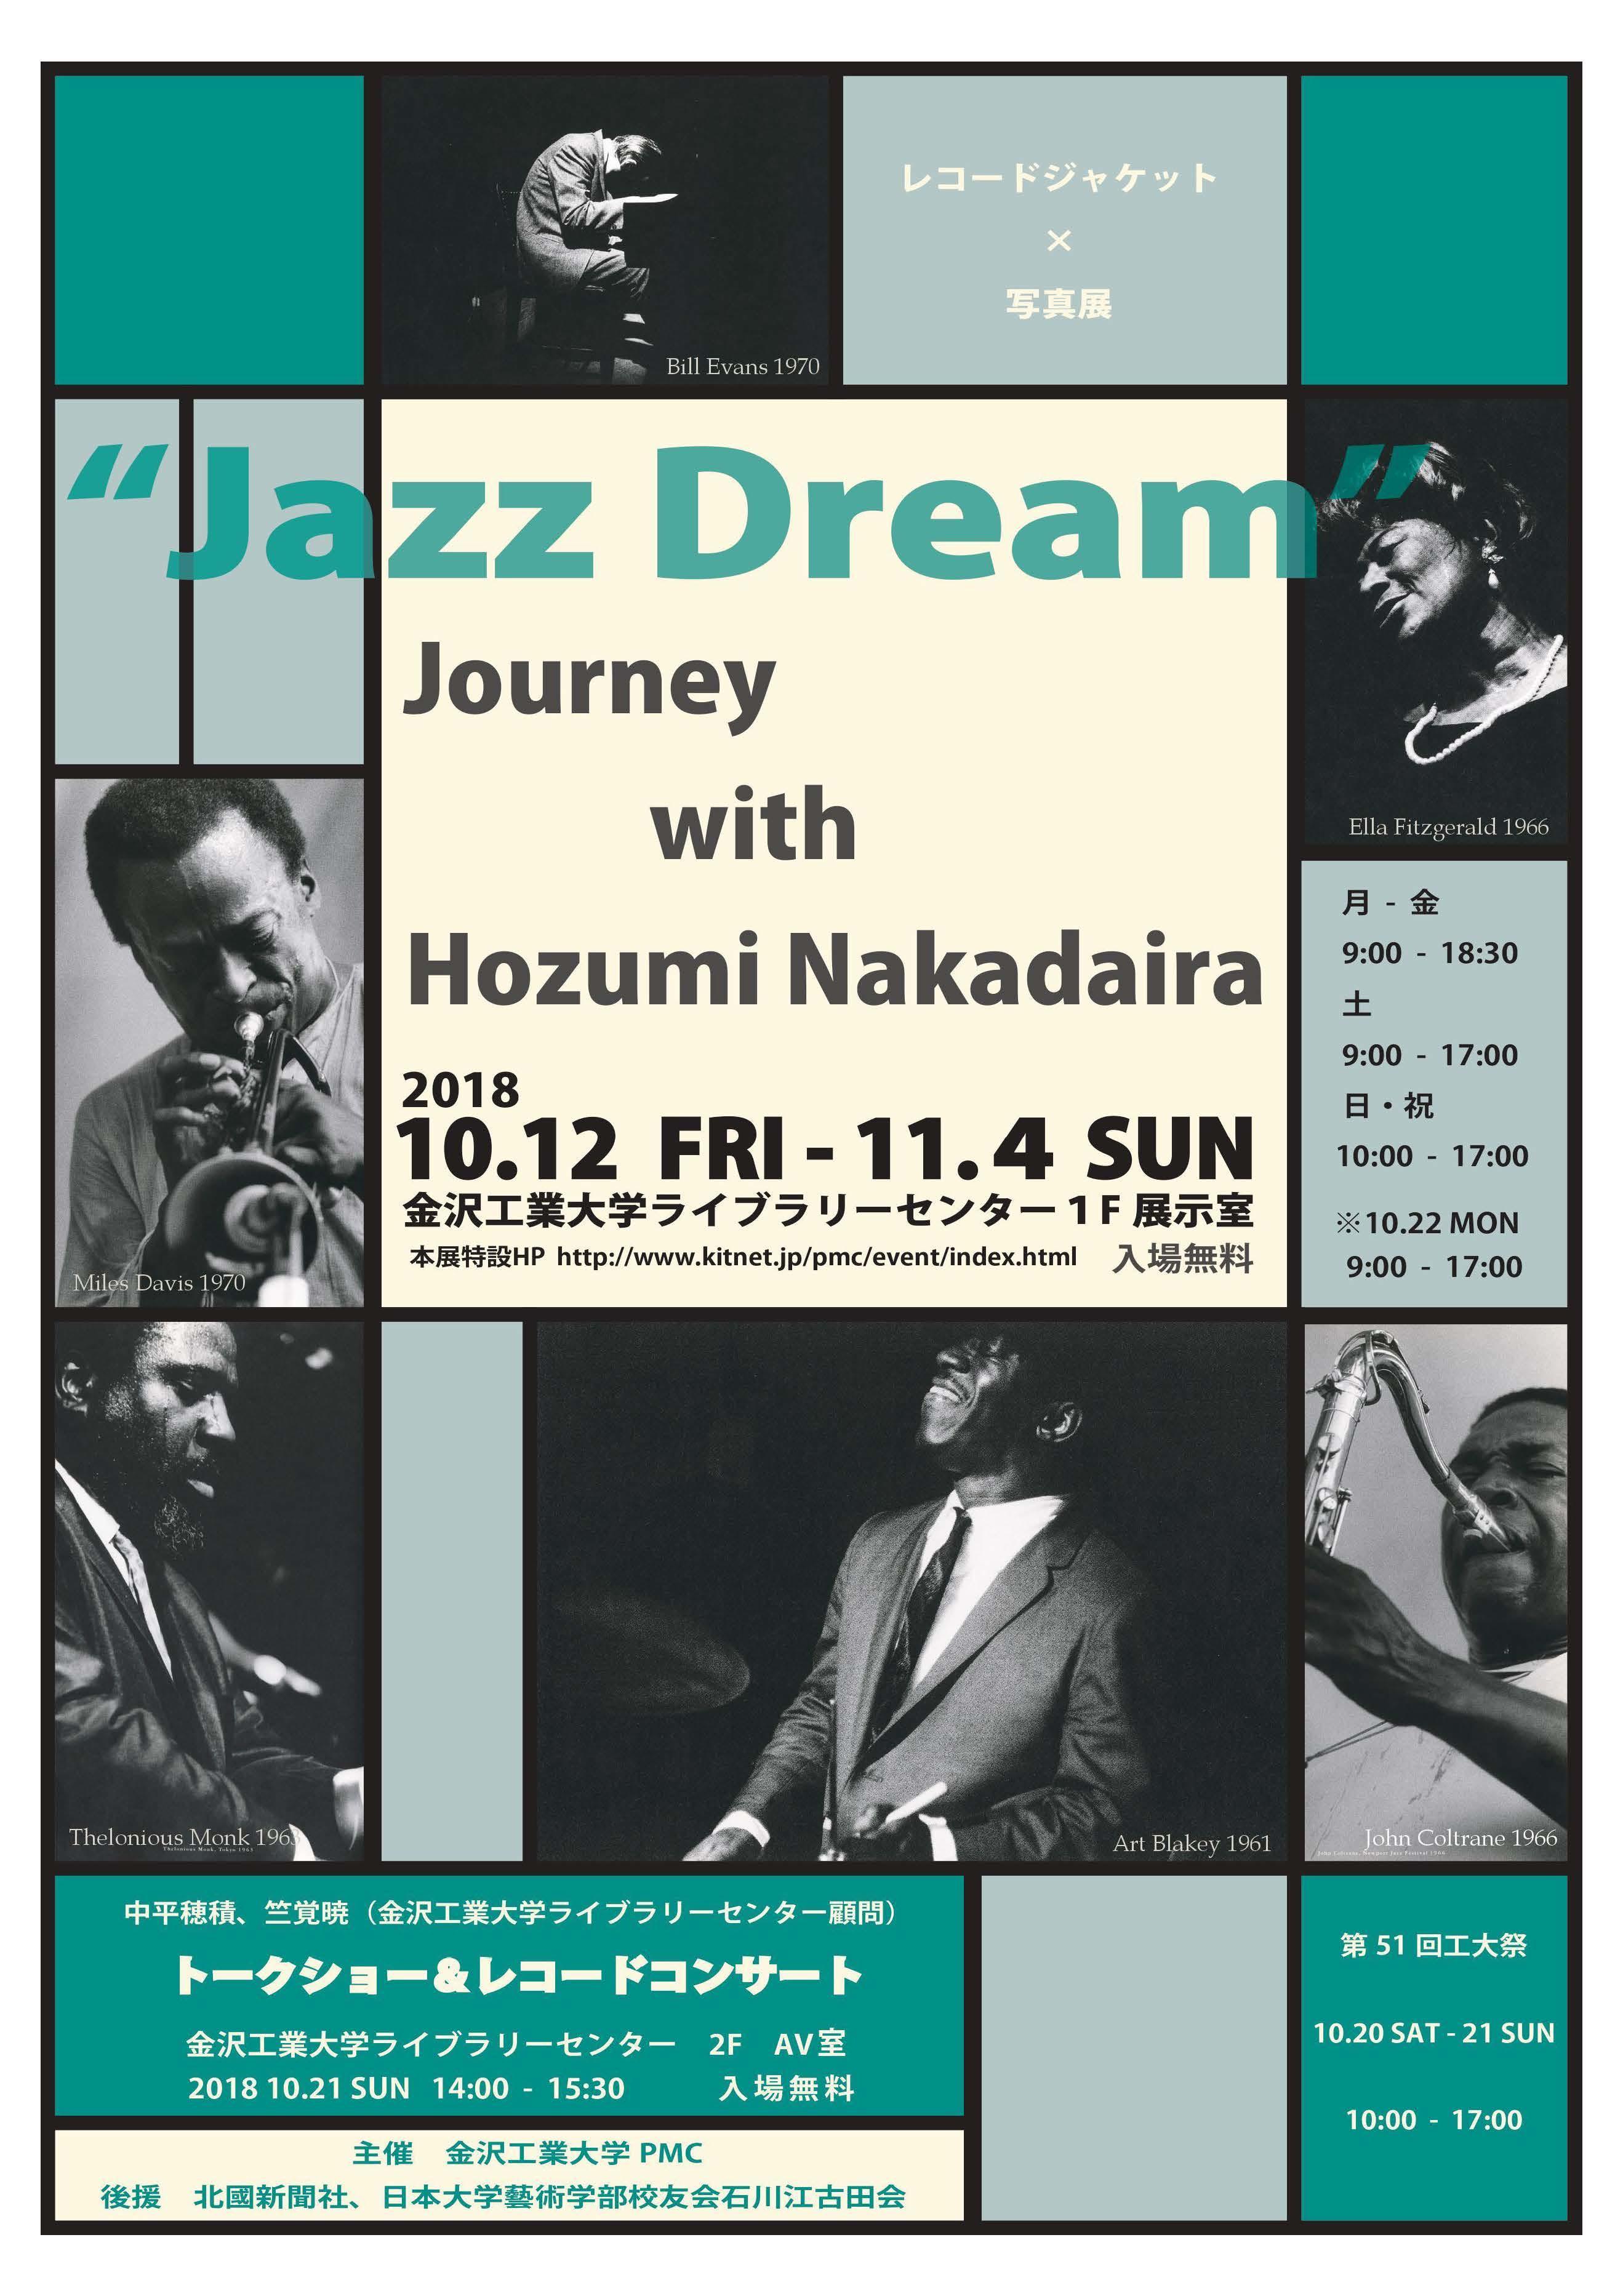 金沢工業大学PMCが所蔵するジャズのレコードジャケットと写真家 中平穂積が撮影したジャズミュージシャン写真とのコラボ展覧会「Jazz Dream~Journey with Hozumi Nakadaira」を開催。